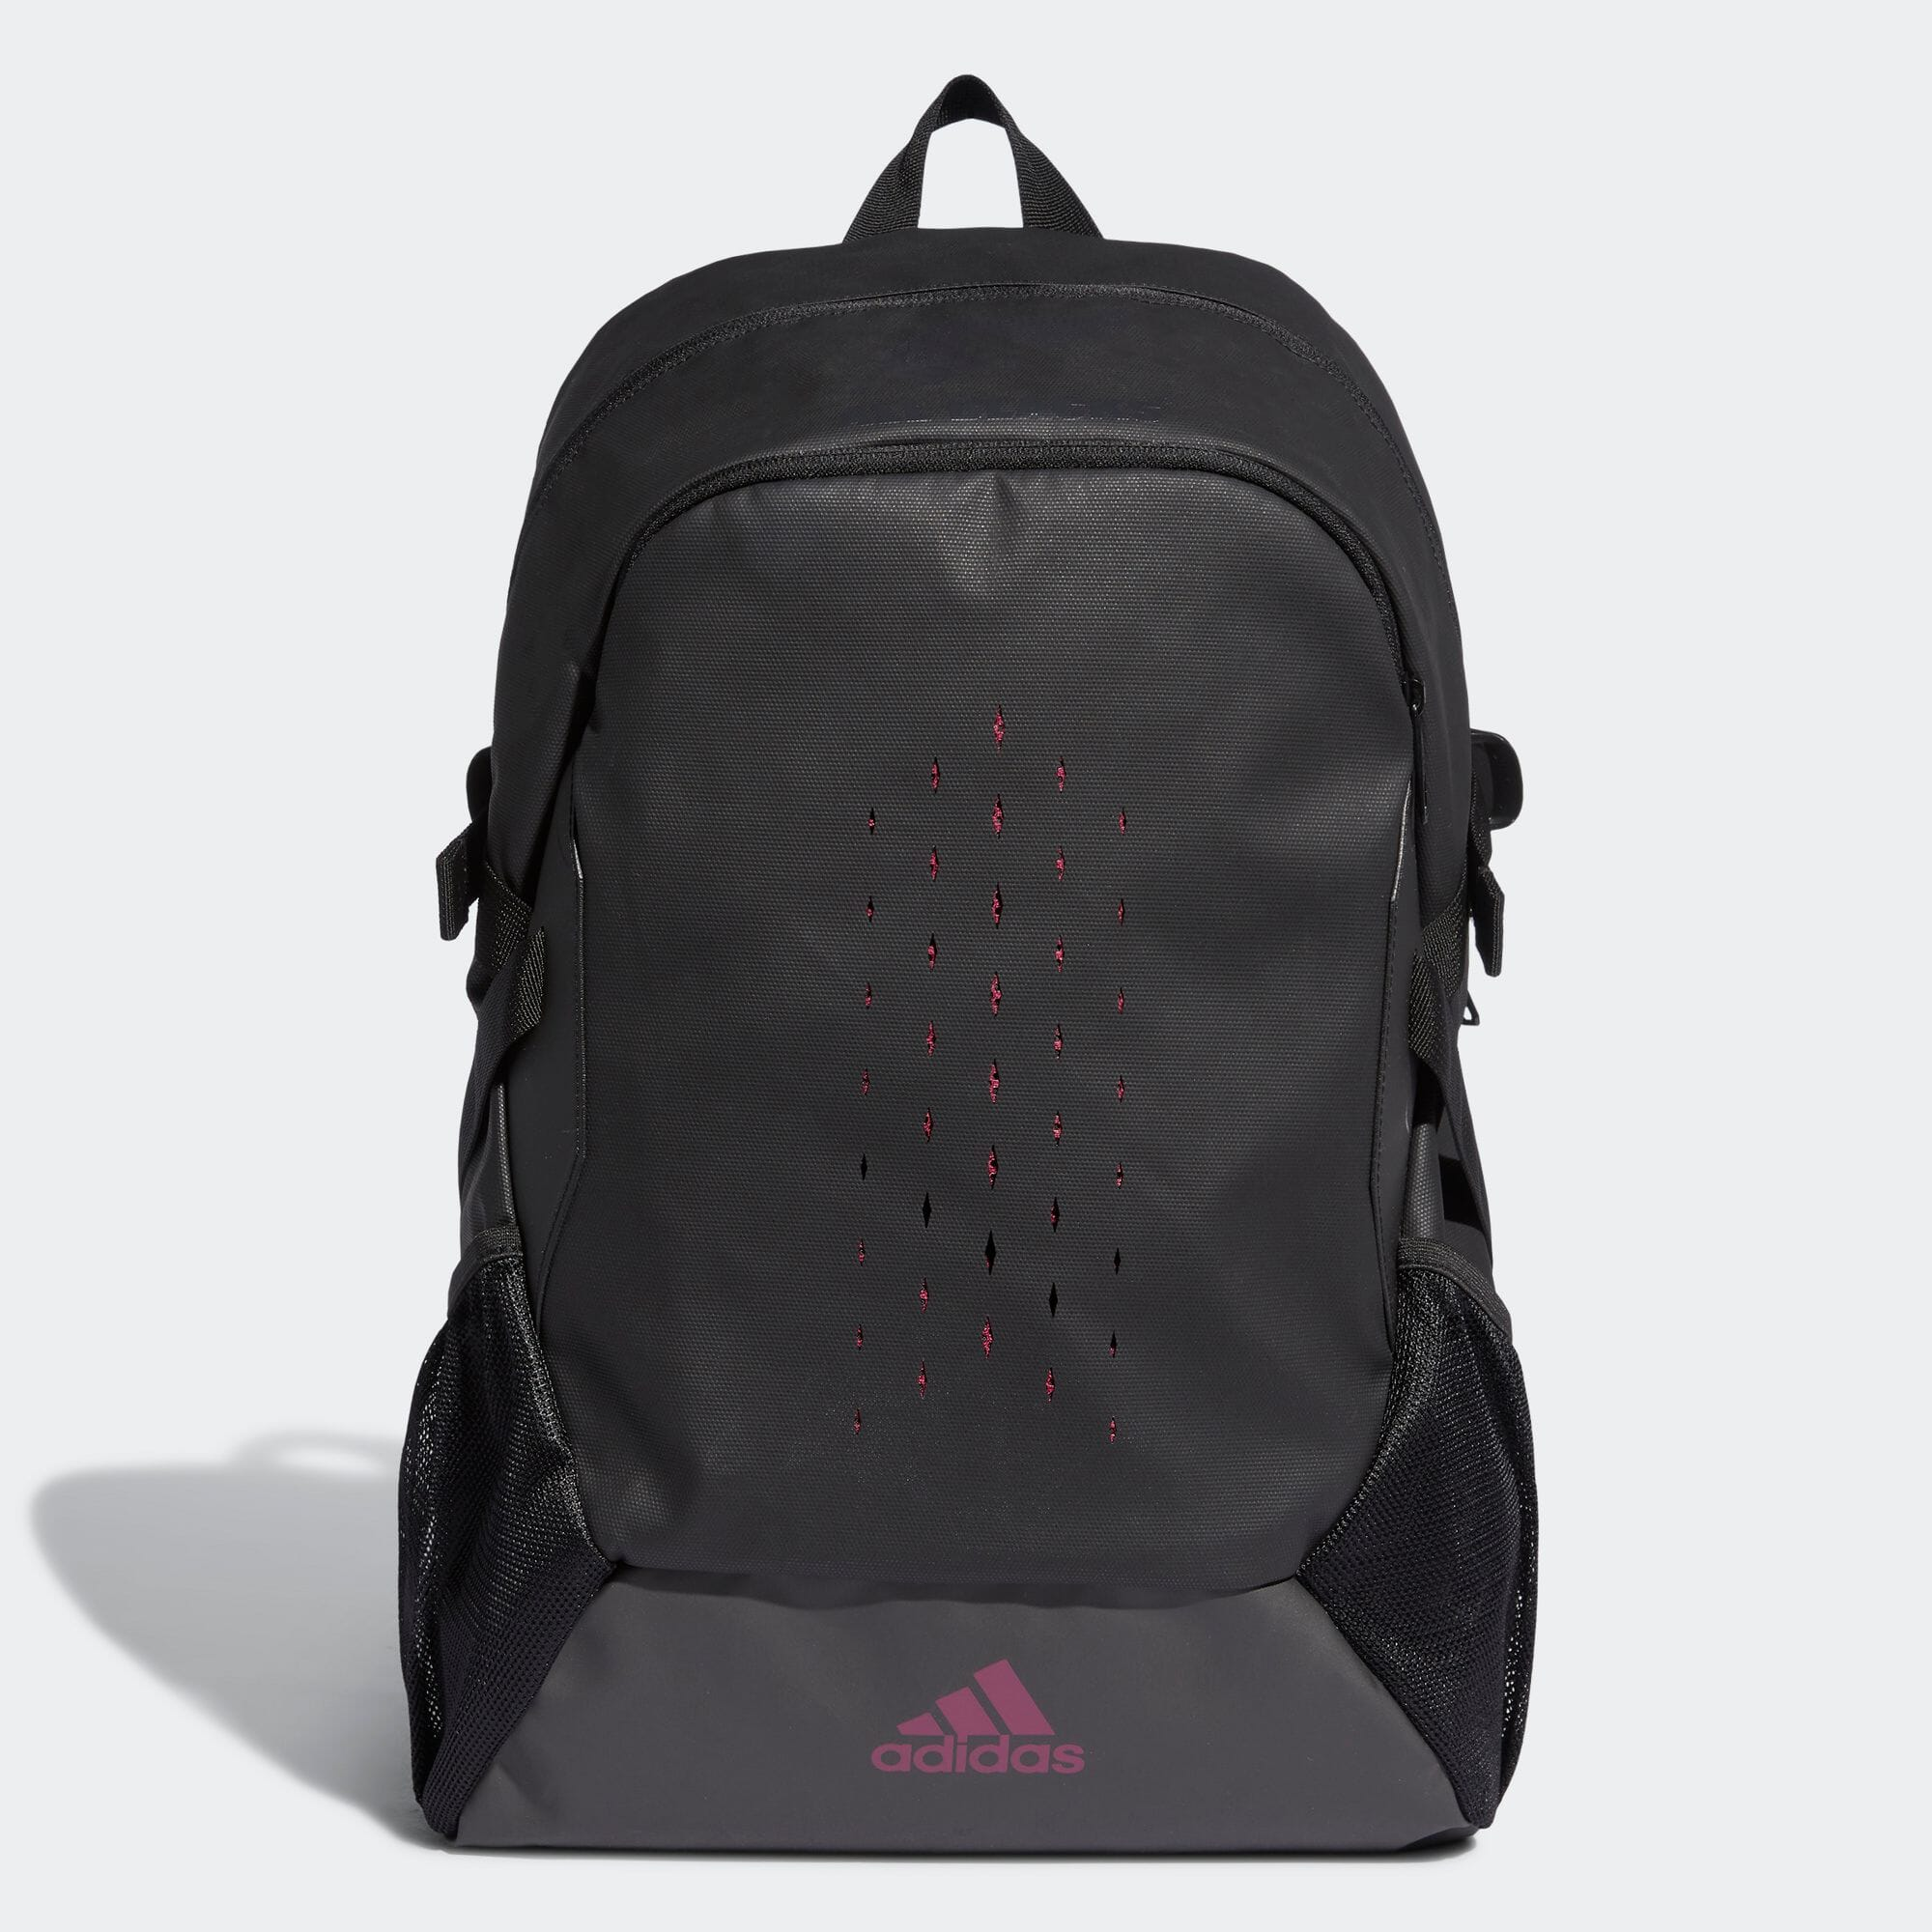 オールブラックス バックパック / All Blacks Backpack